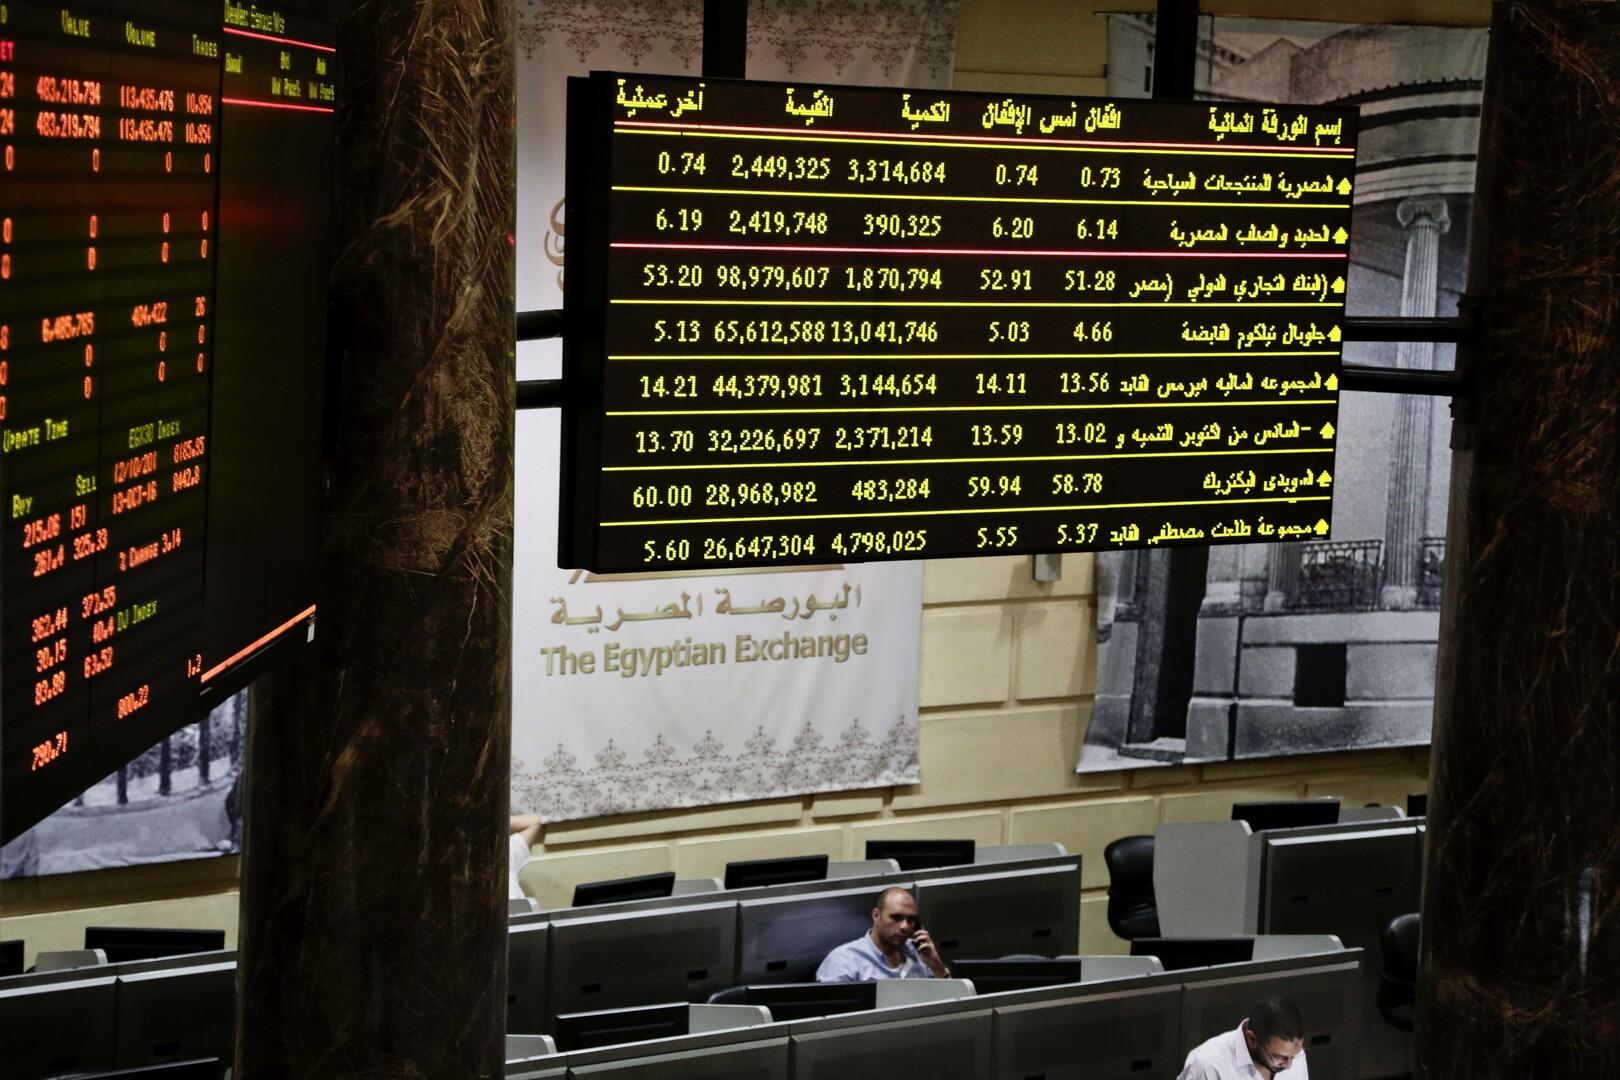 صورة تعبيرية - بورصة مصر